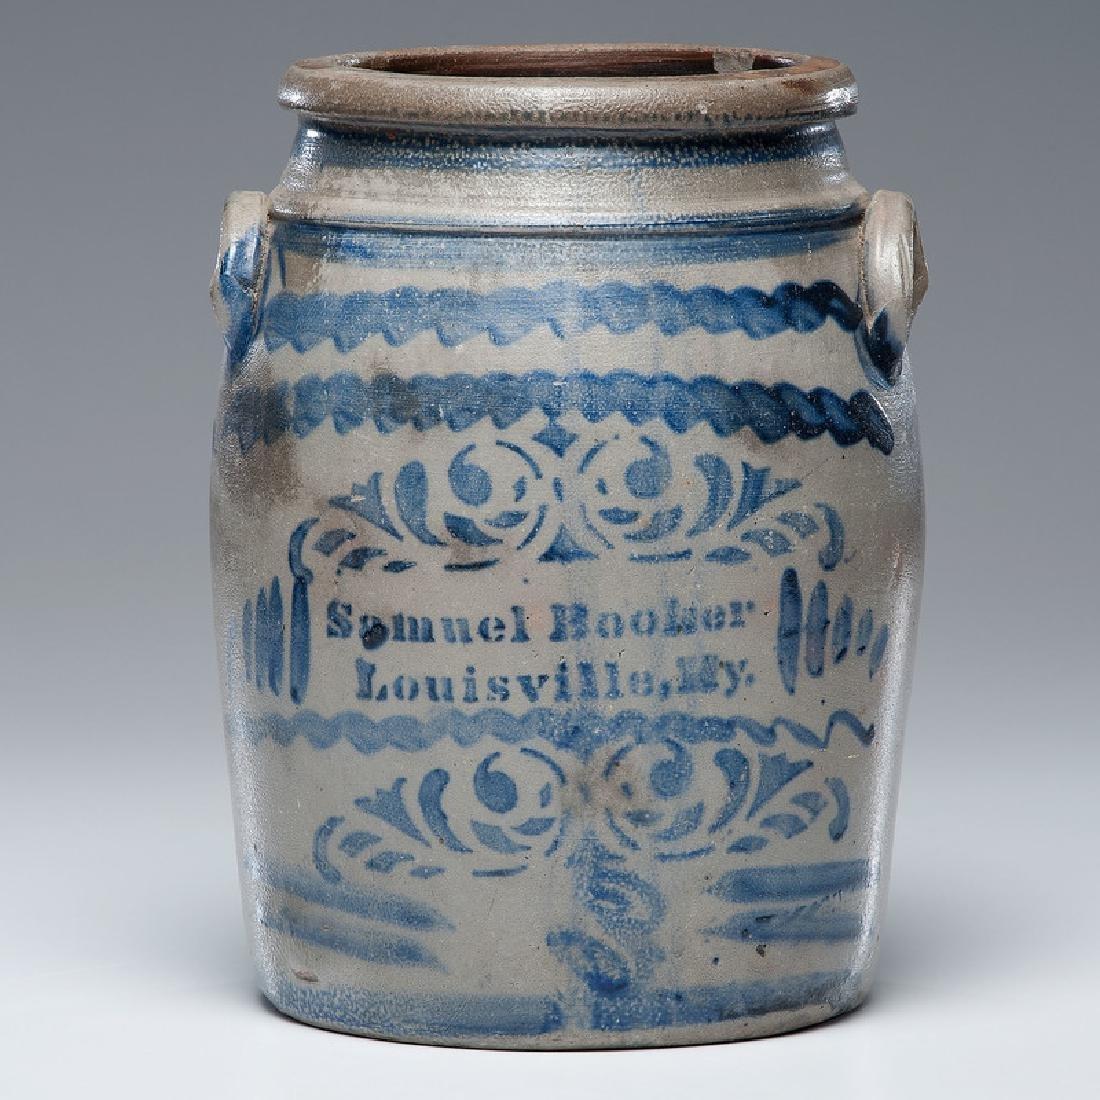 Samuel Booker Kentucky Stoneware Crock